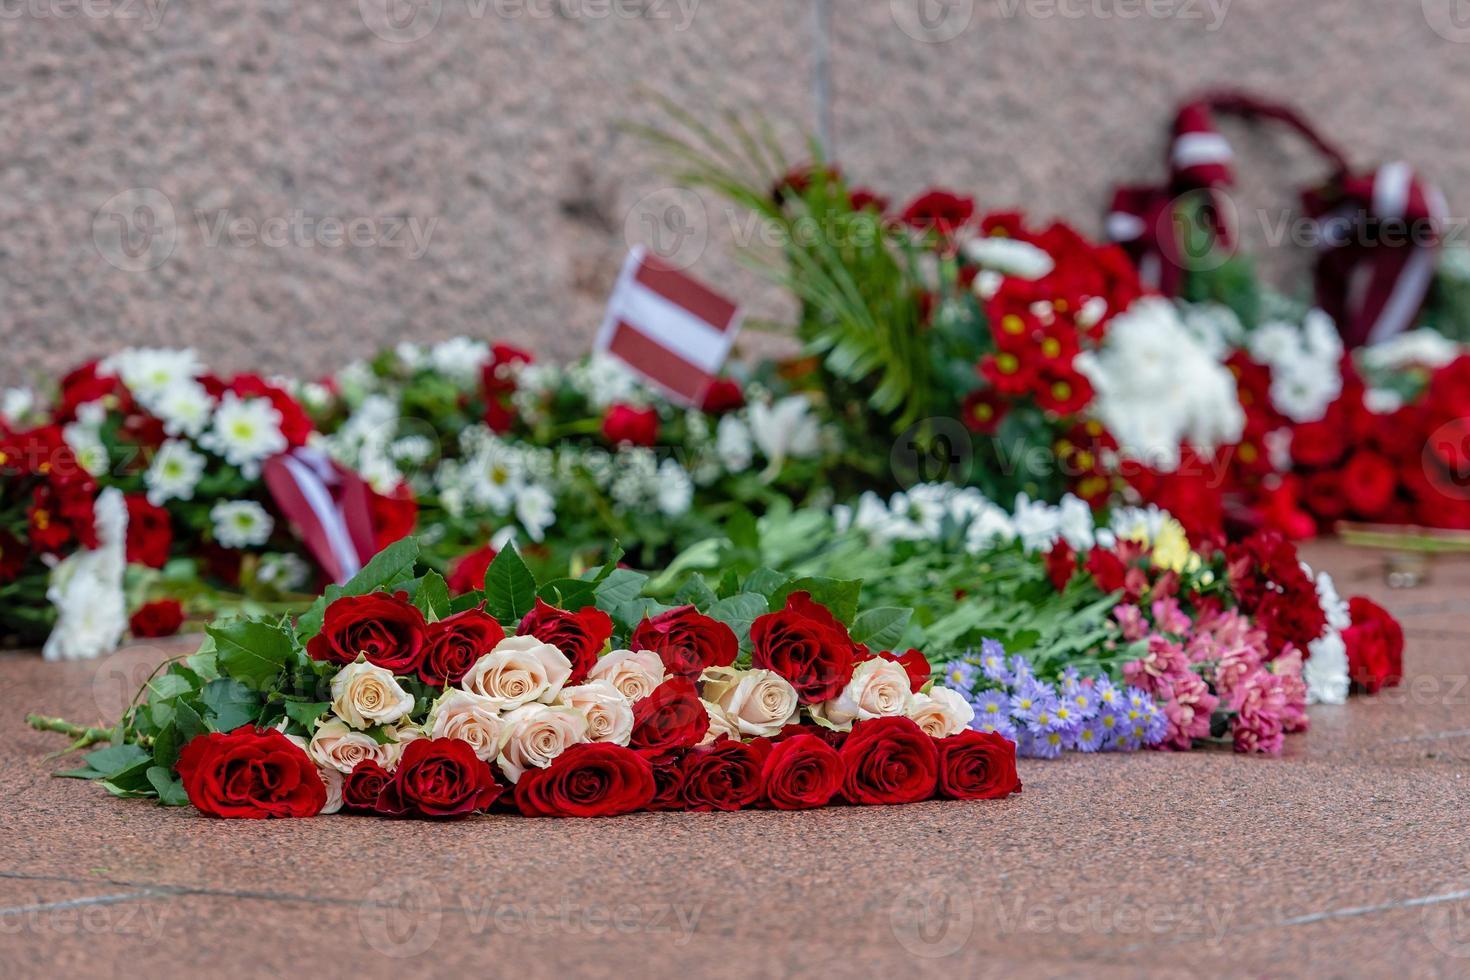 Letonia 100 años. Composiciones de flores rojas y blancas en el monumento a la libertad en la ciudad de Riga, Letonia. foto